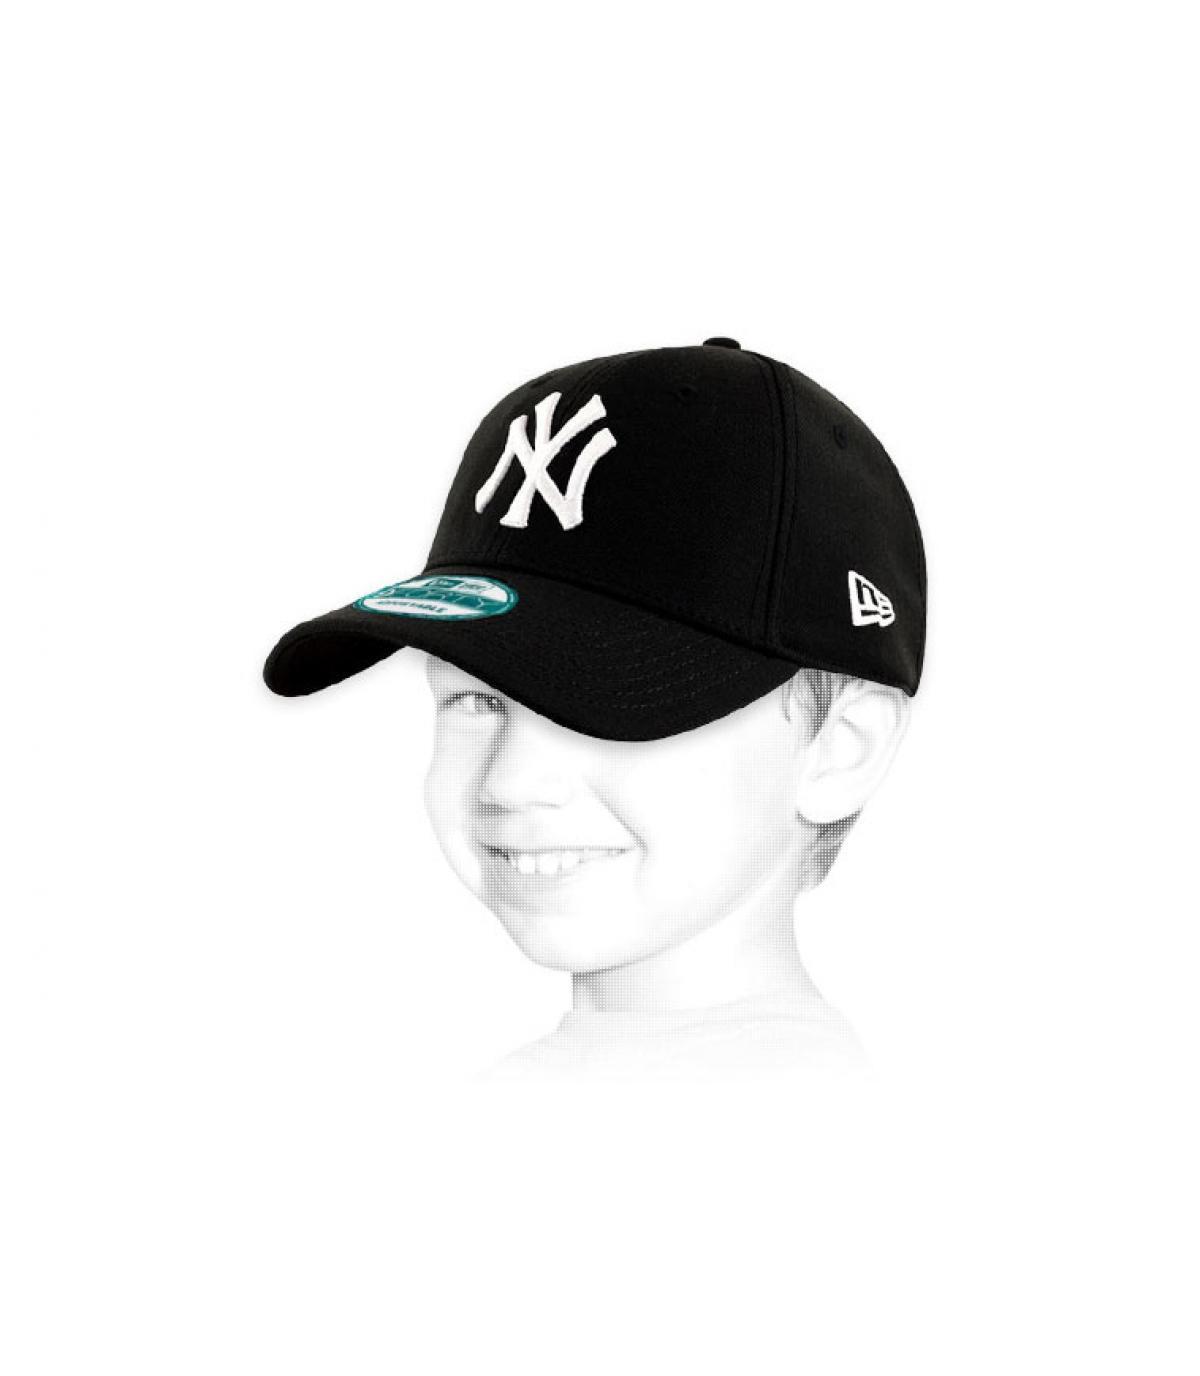 0c805a81a9b6d Casquette New Era Enfant - Casquette NY pour enfant - Headict